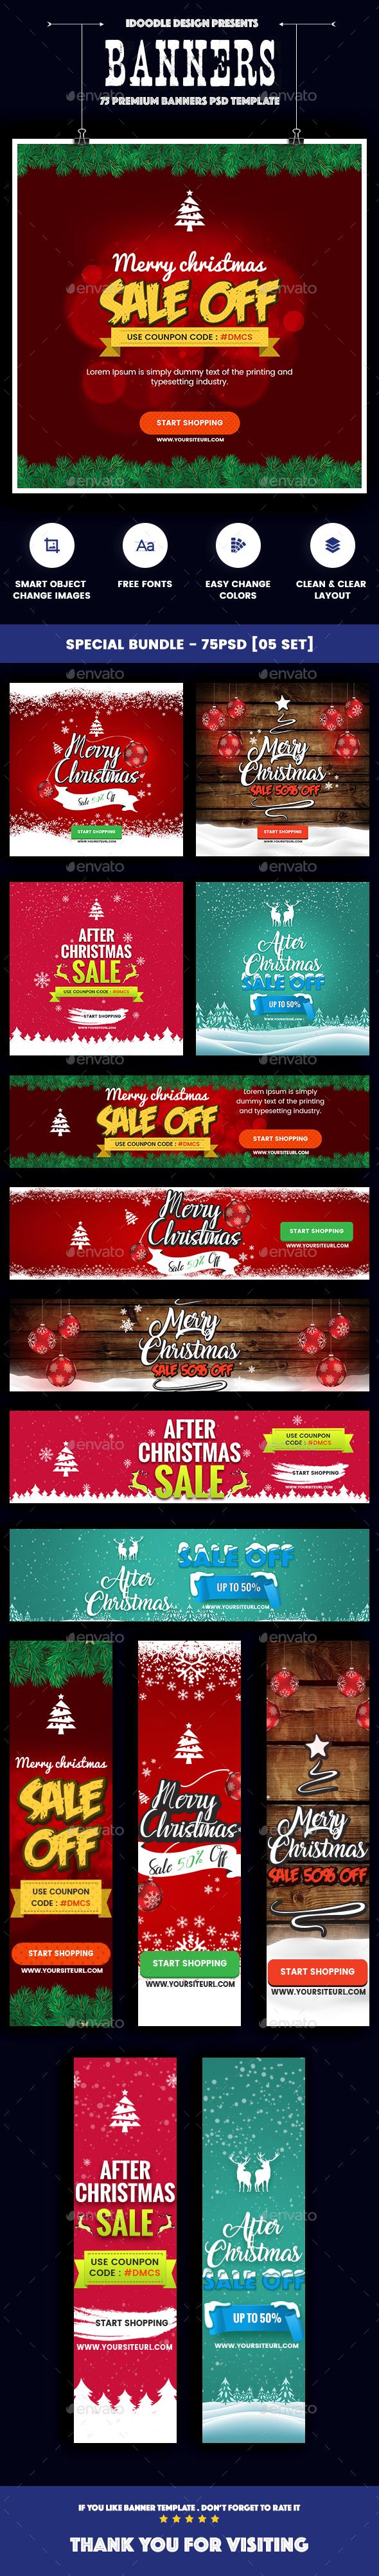 Christmas Banners Ads - 75PSD [05 Set]